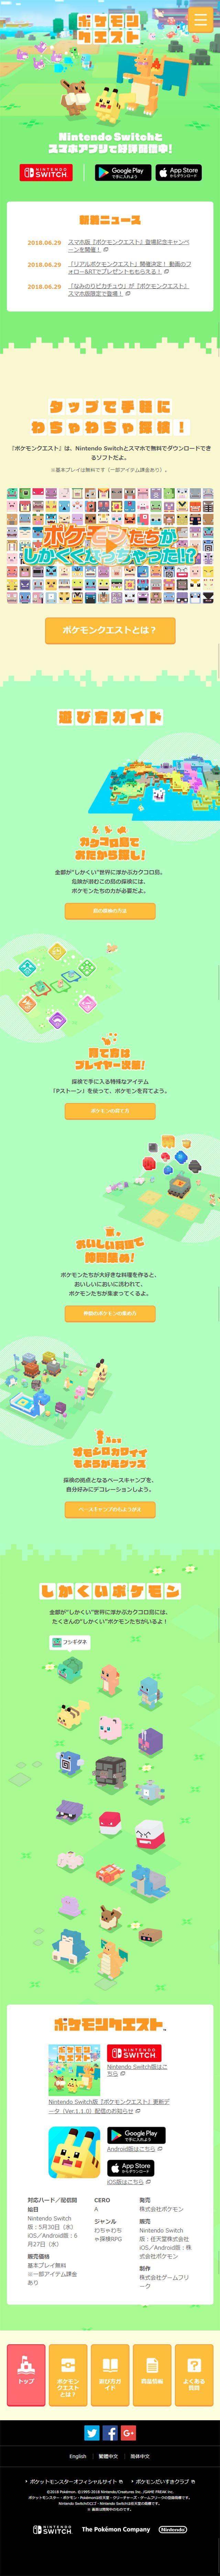 任天堂株式会社様の「ポケモンクエスト」のスマホランディングページ(lp